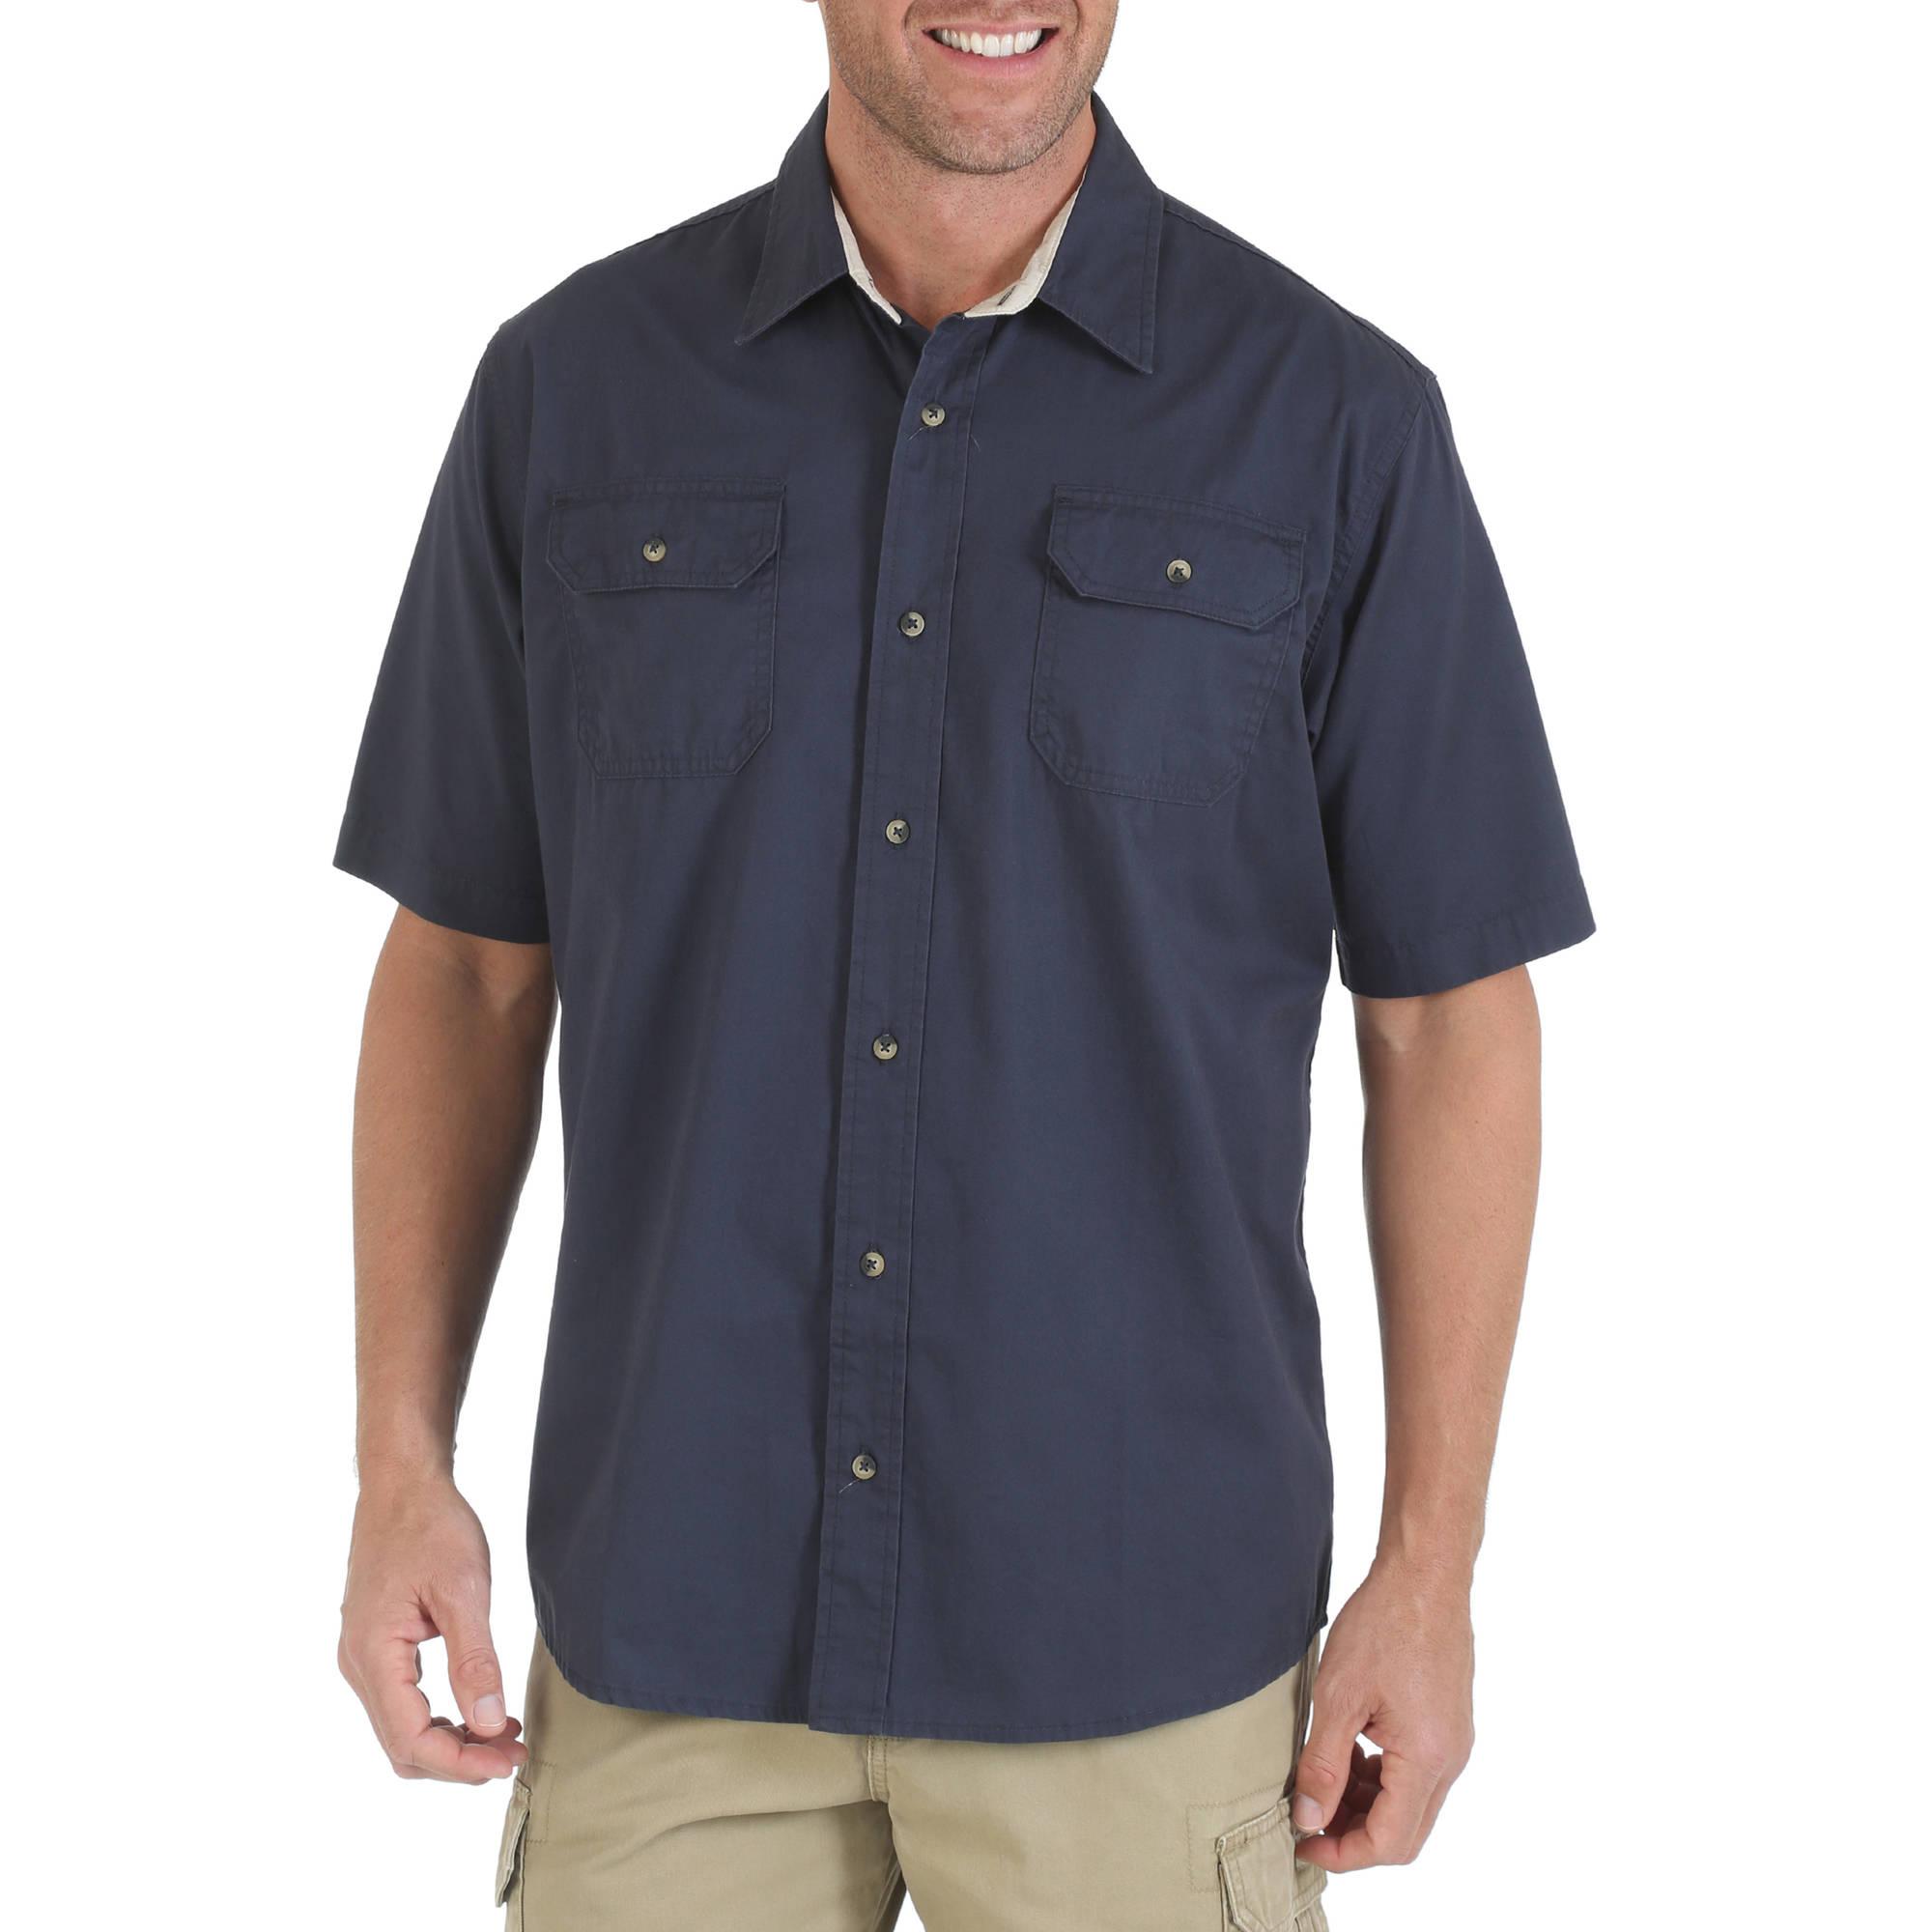 Wrangler Men's Short Sleeve Woven Shirt